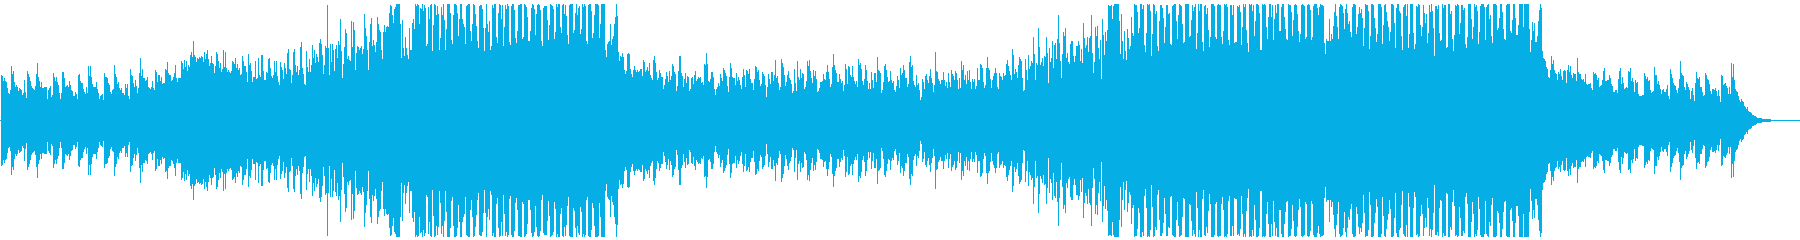 明るくEDM調のポップス 企業VPの再生済みの波形